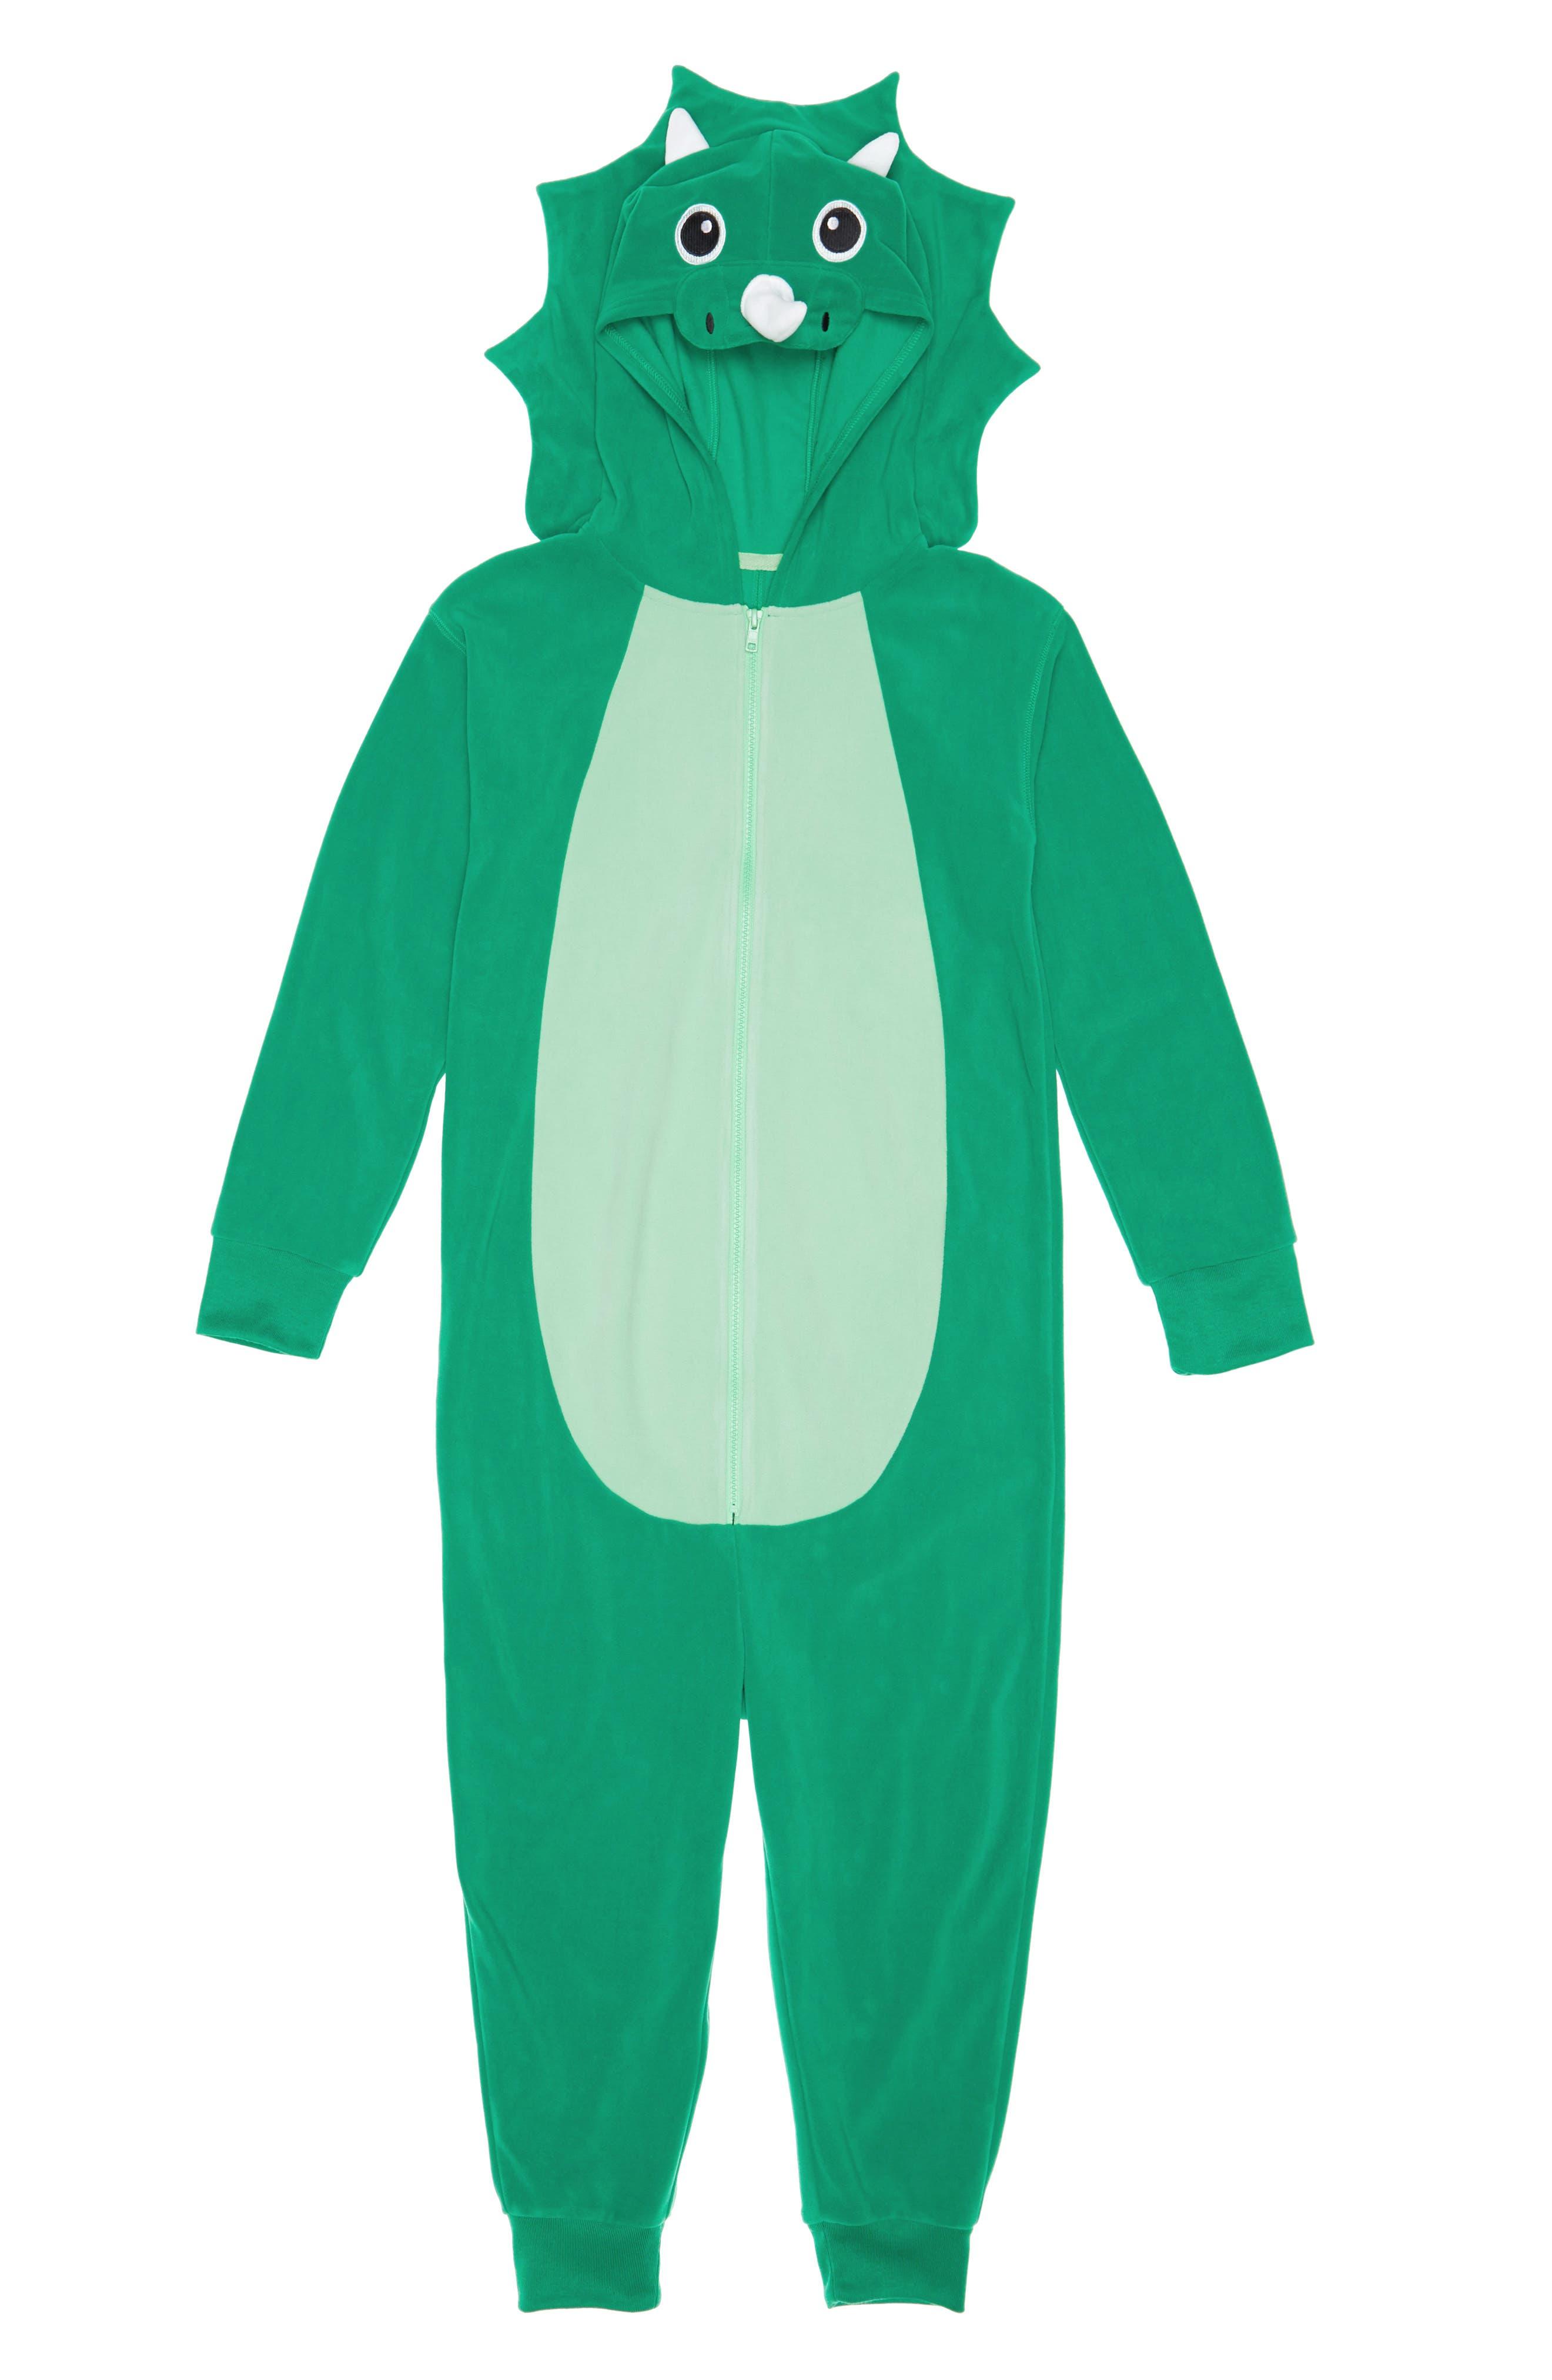 Animal One-Piece Hooded Pajamas,                             Main thumbnail 1, color,                             GREEN GENIUS DINO